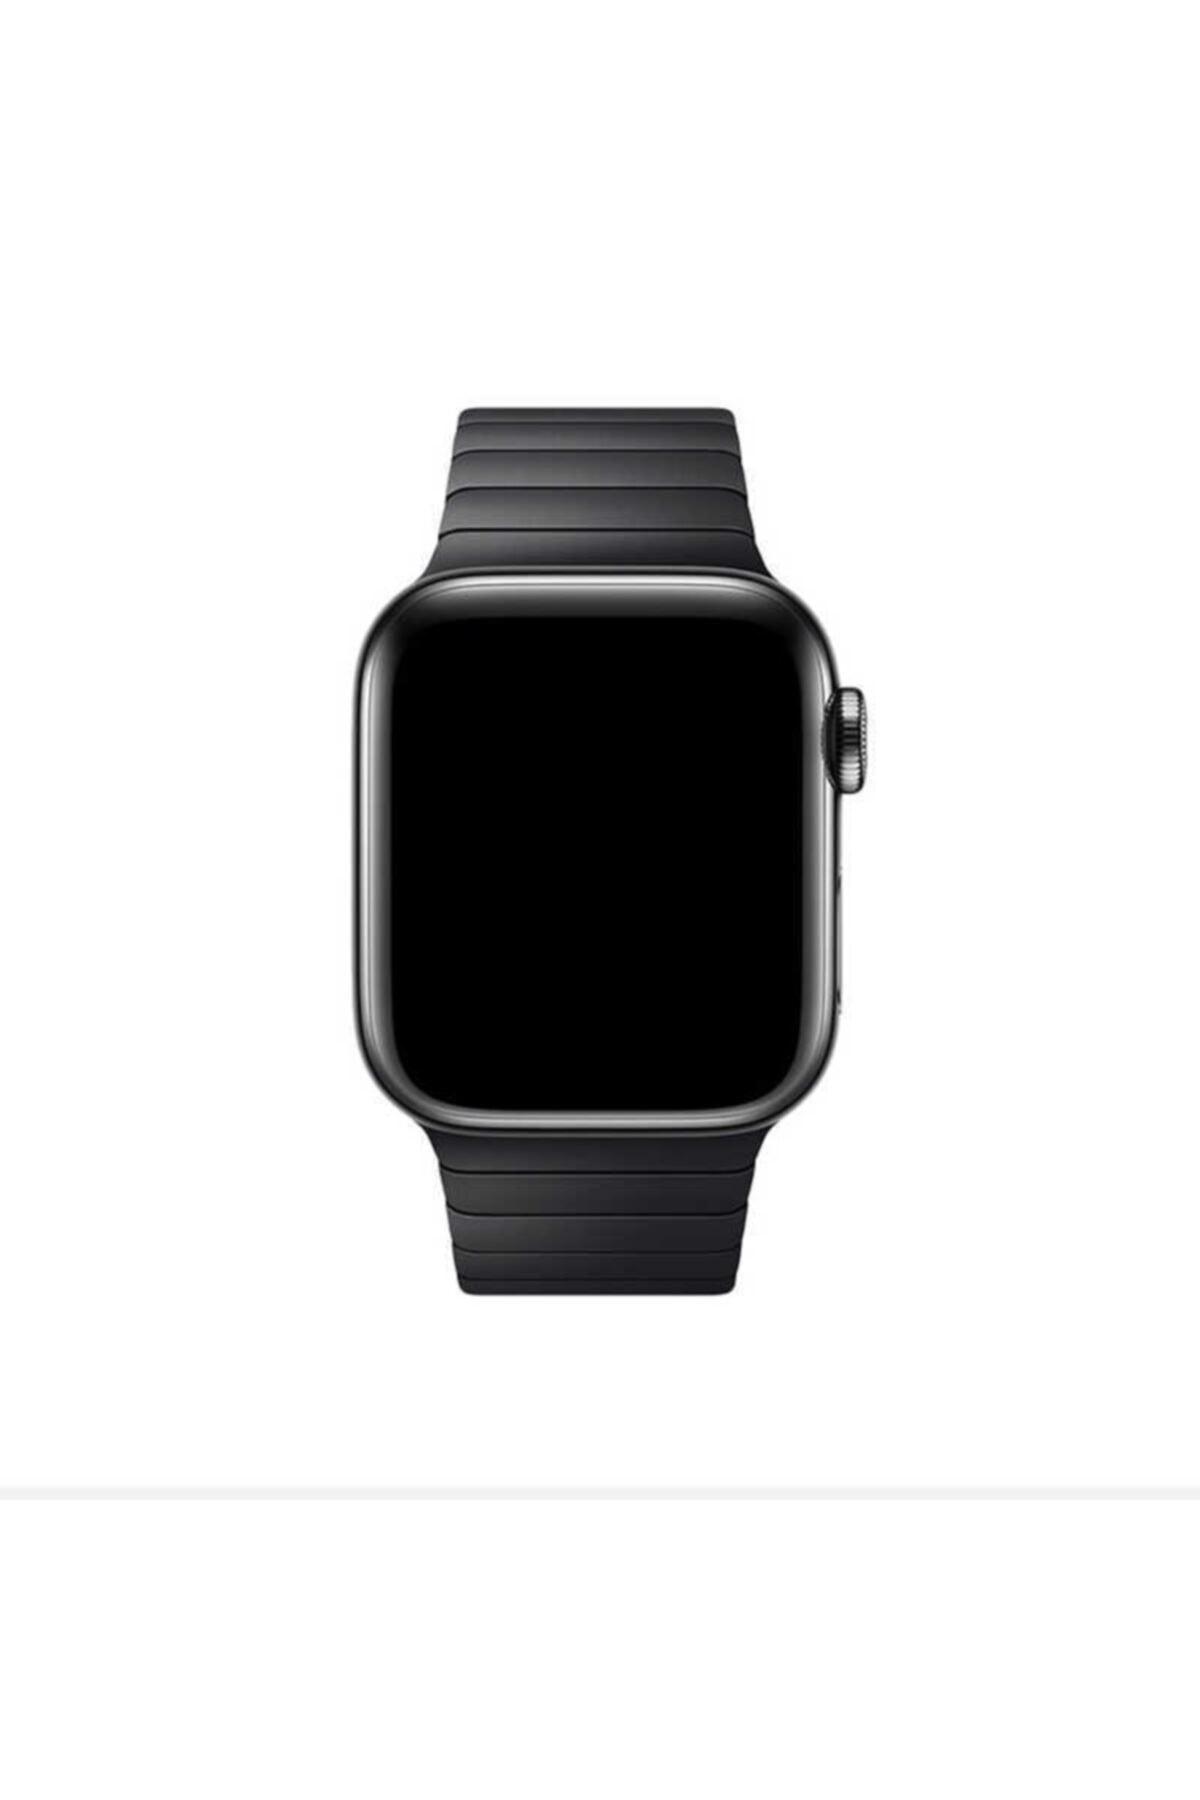 zore Apple Watch 44 Mm Kordon Çizgili Ayarlanabilir Otomatik Klipsli Metal Saat Kordun 1